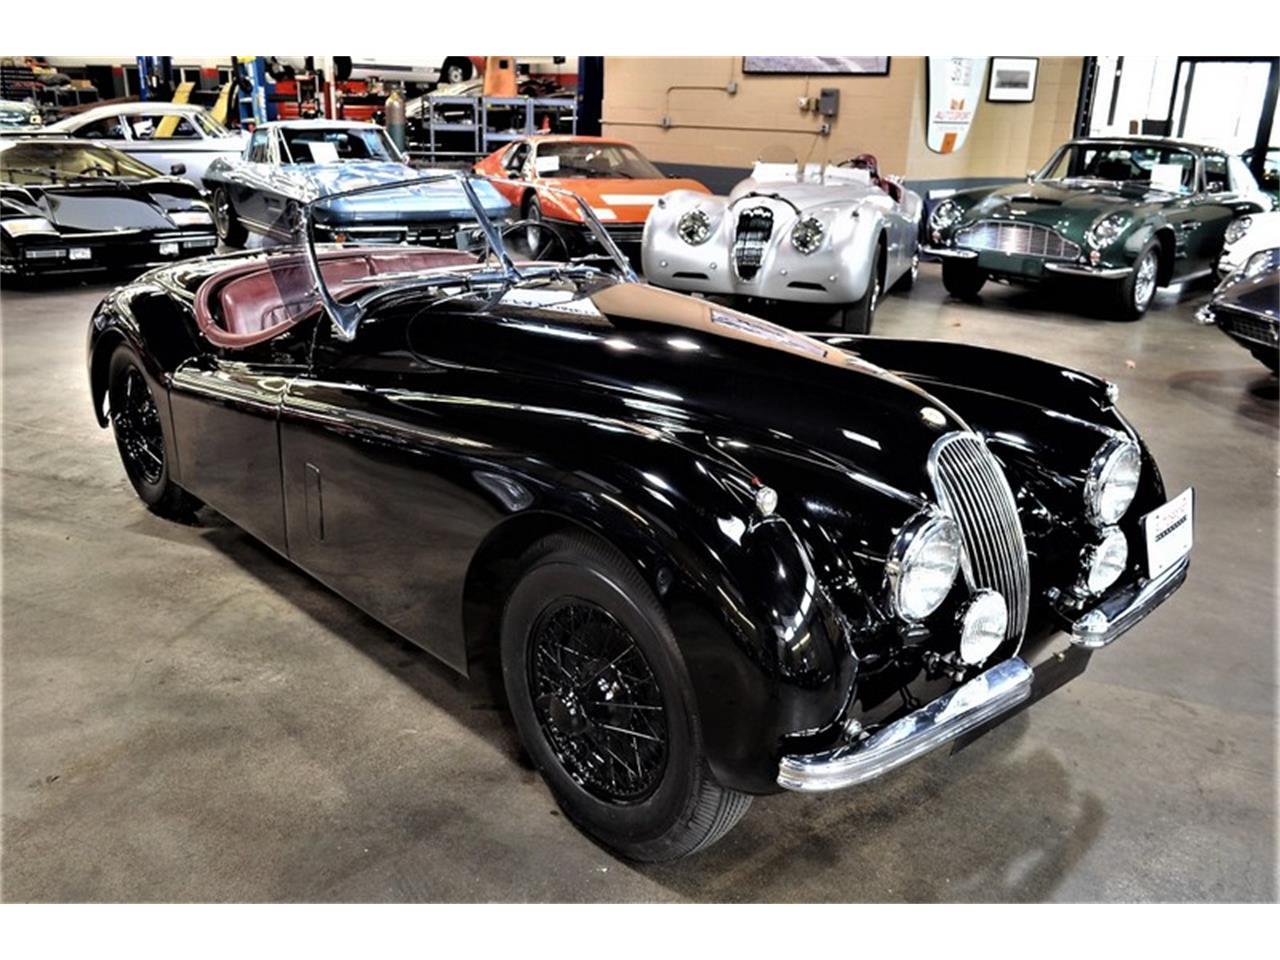 1954 jaguar xk120 for sale classiccars com cc 1071922 jaguar classic xk120 model large picture of '54 xk120 mz3m